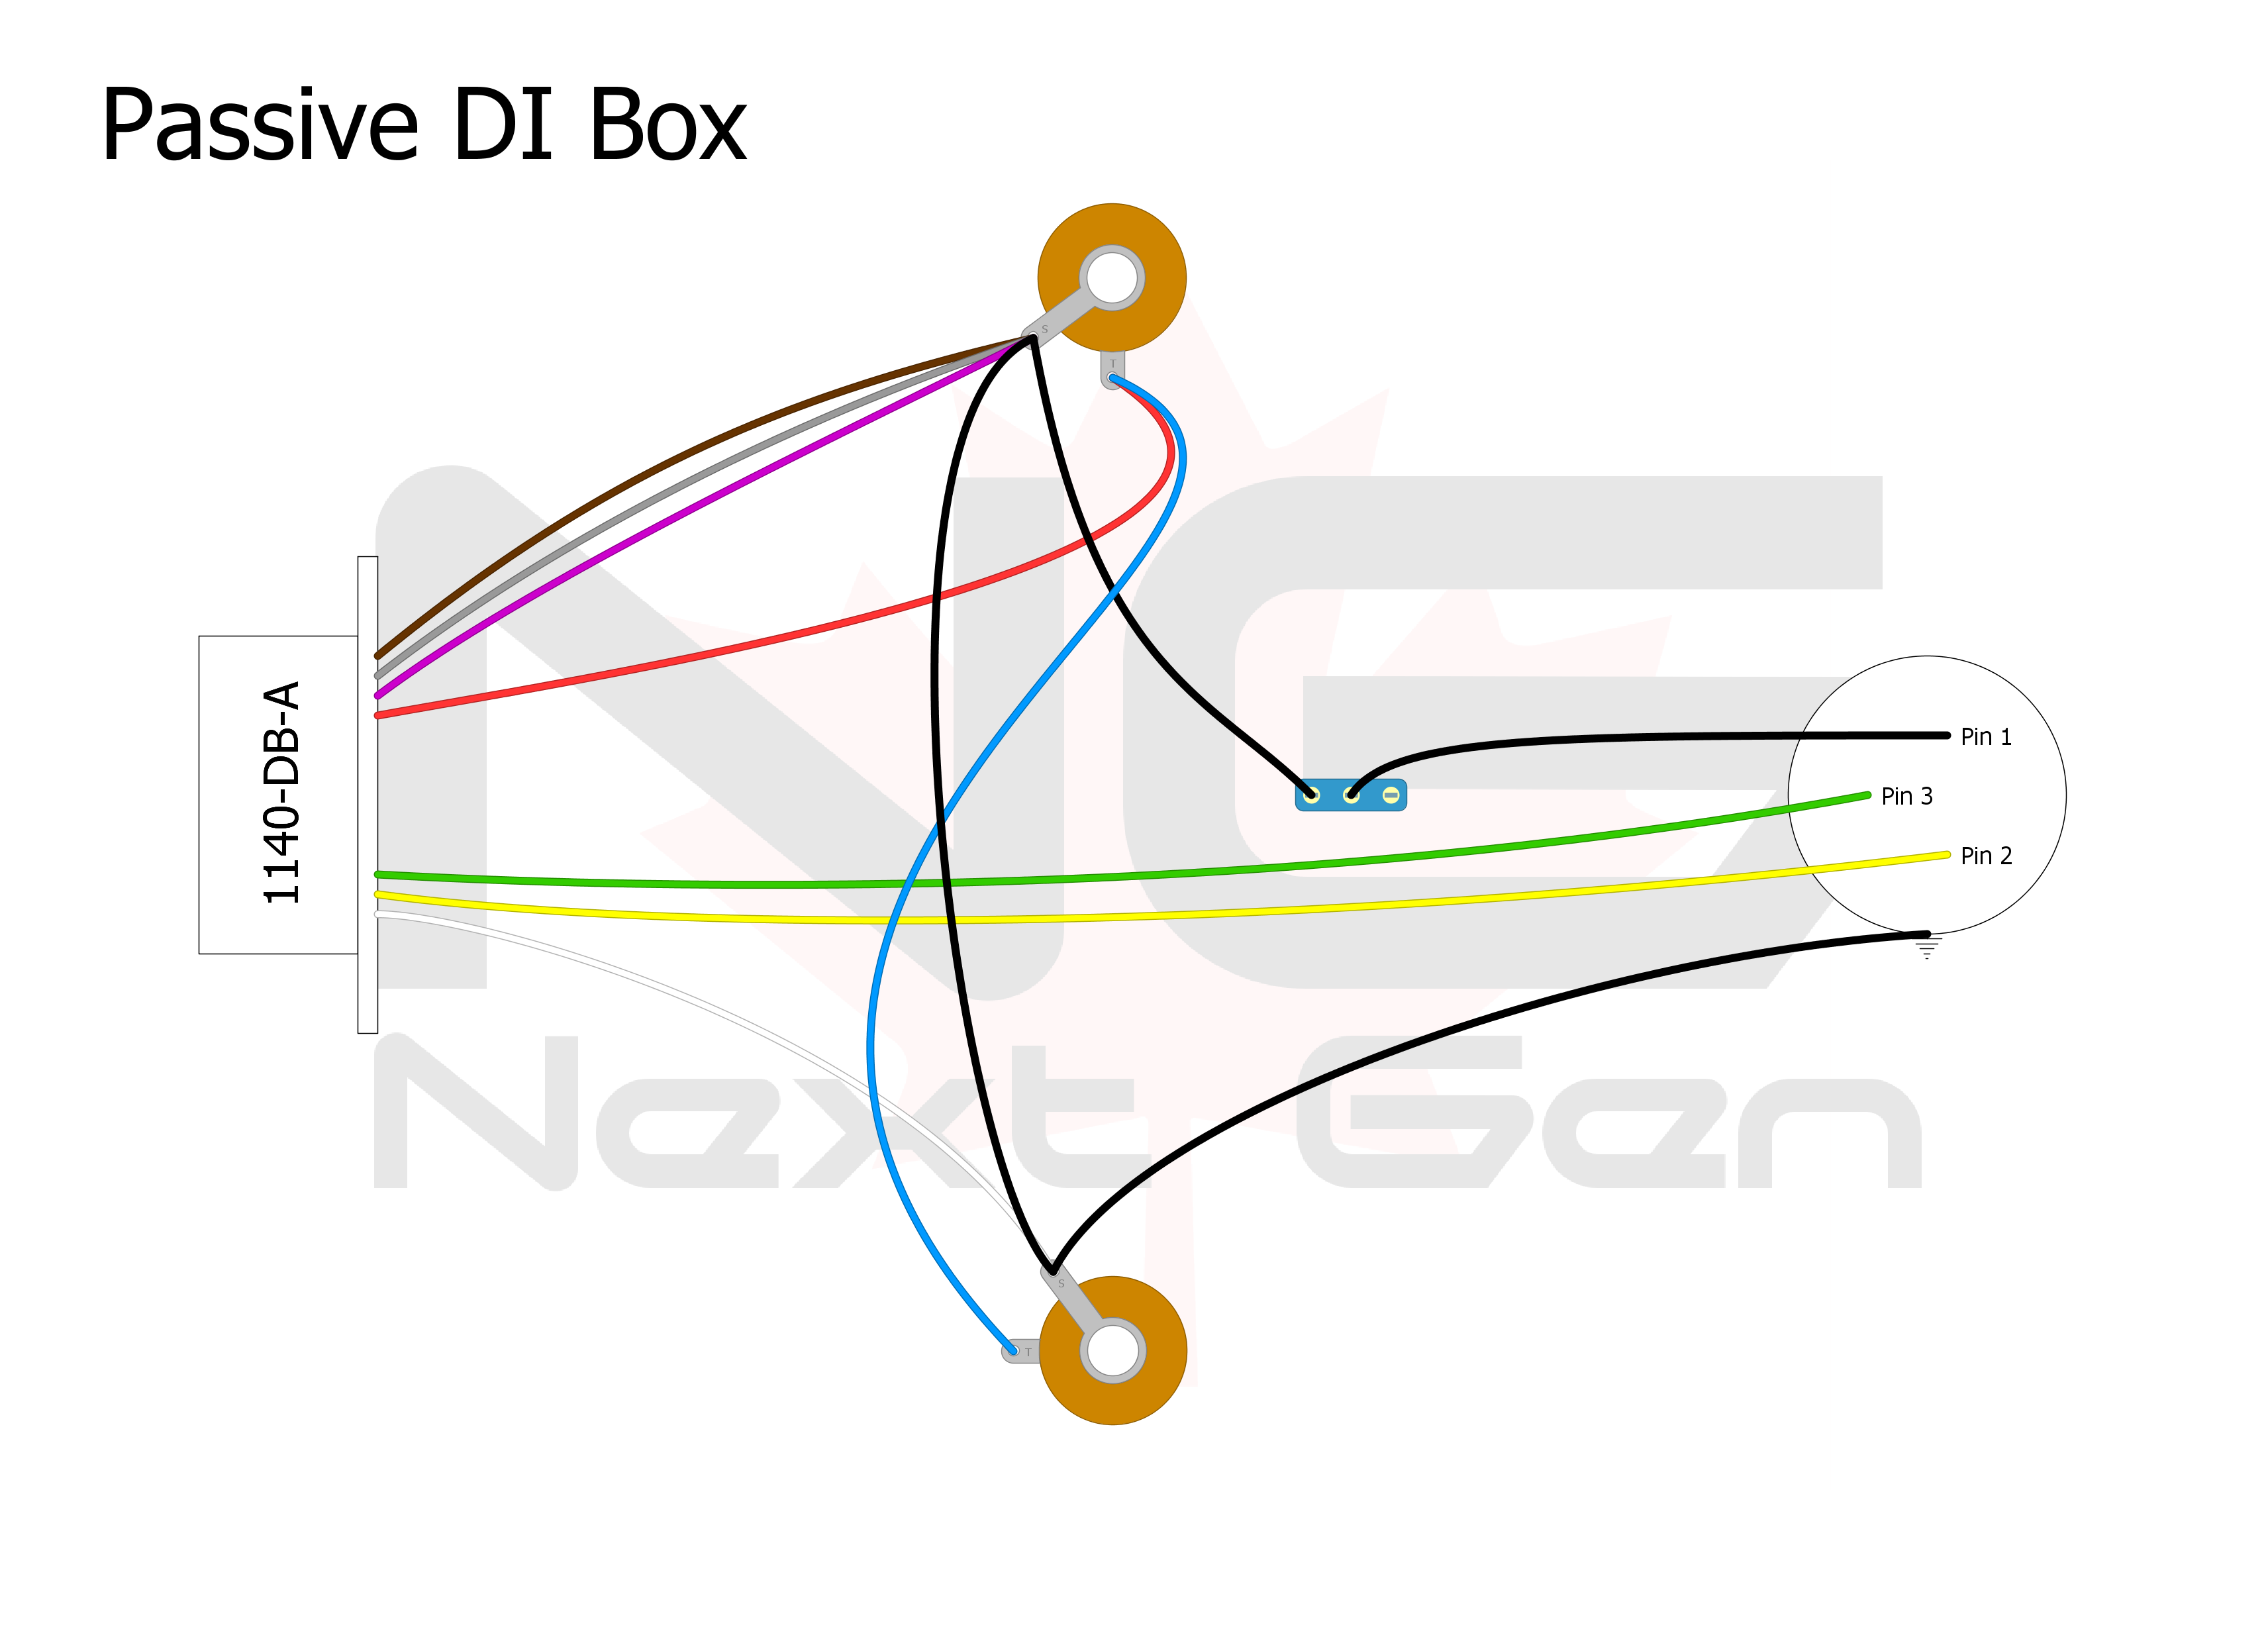 Passive DI Box Layout